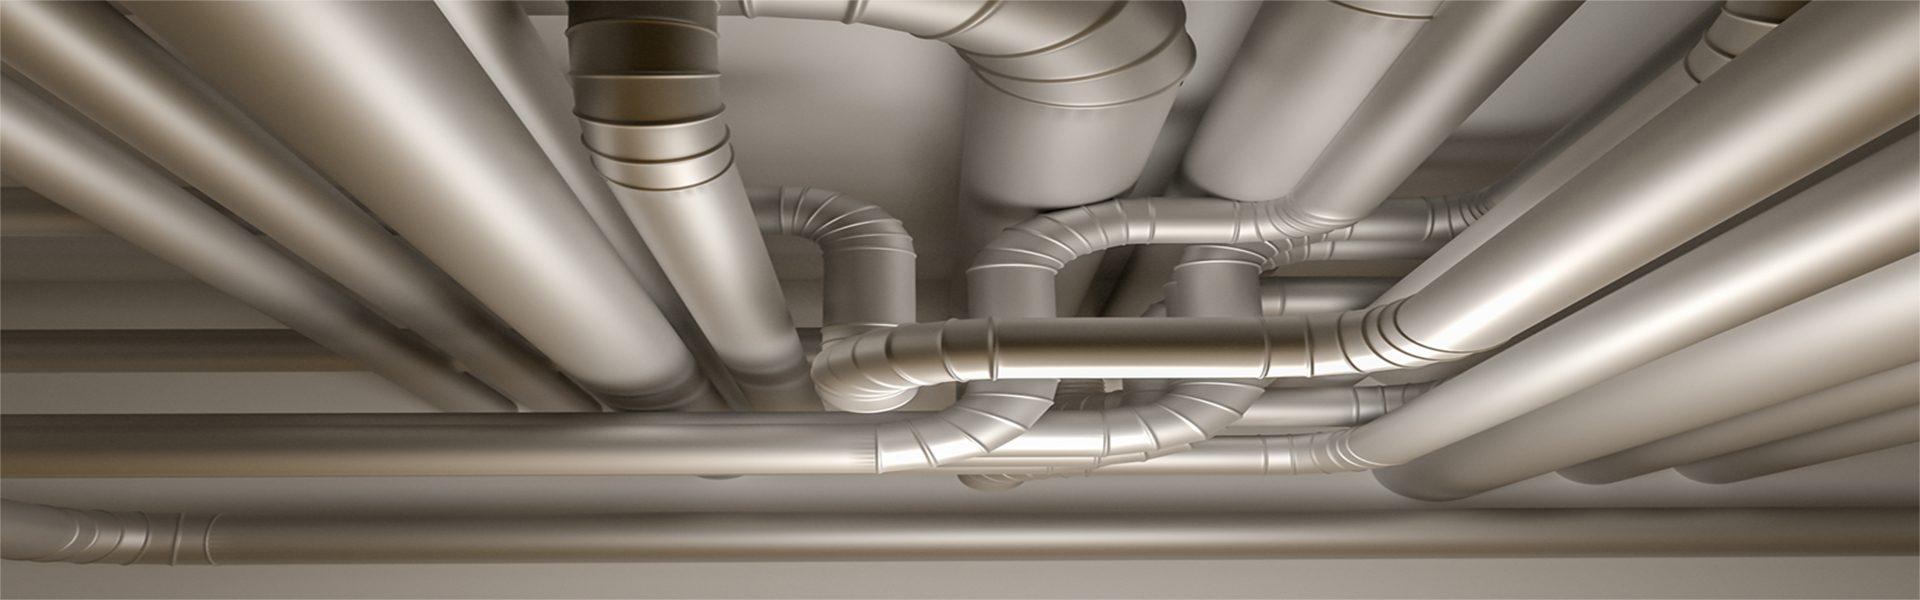 Full Size of Kchenabluft Und Dunstabzug Luftrein Lufttechnik Wohnzimmer Küchenabluft